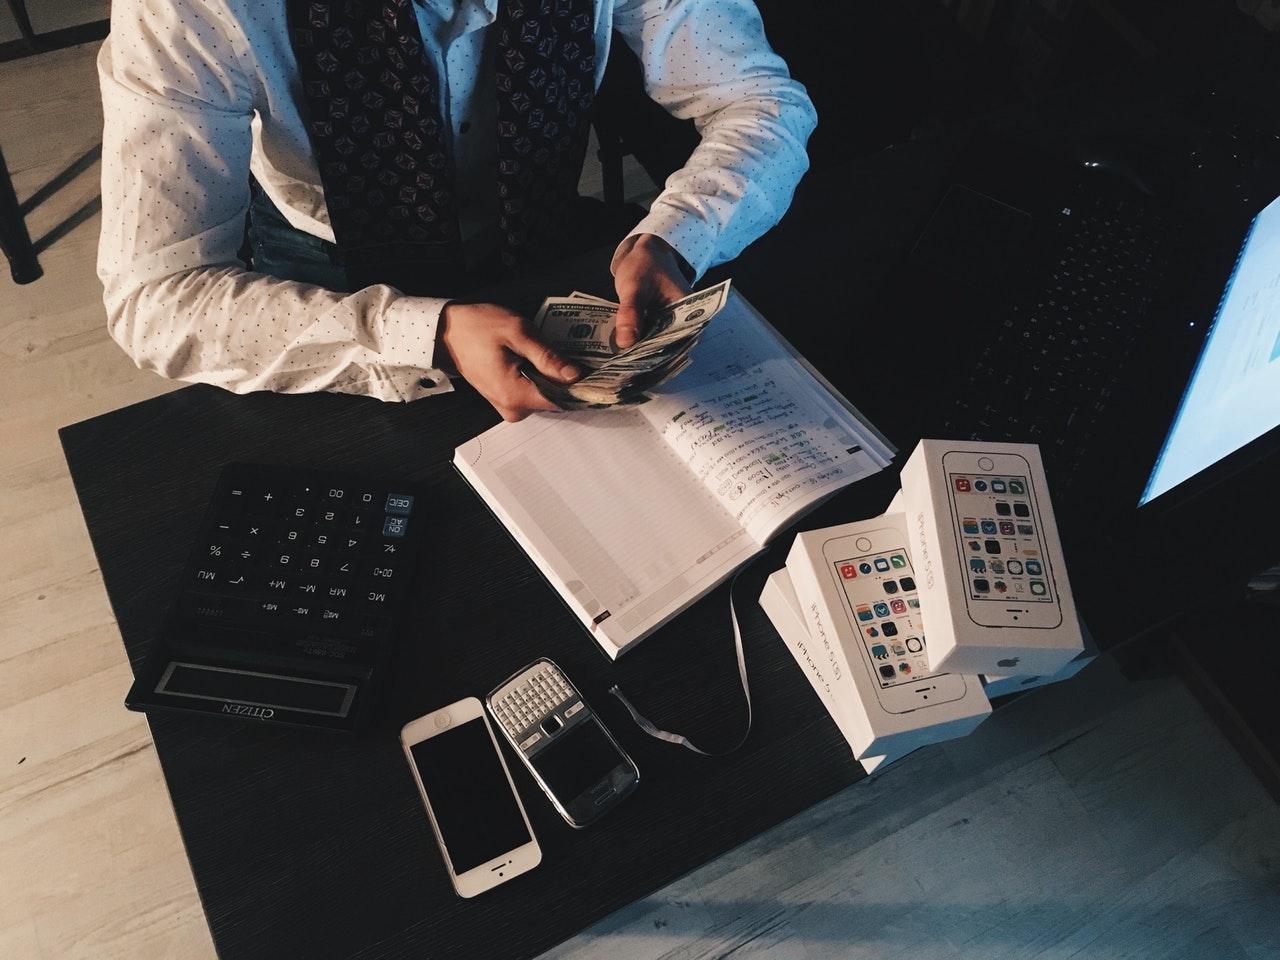 Lønadministration, løn system, revisor priser, hvad koster en revisor enkeltmandsfirma, bogholderi, cfo services, momsregnskab, bogføring, deloitte consulting, Billig bogholder, fordele ved outsourcing, Ledelsesrapportering, aps regnskab, økonomisystem til små virksomheder, regnskabsprogrammer for små virksomheder